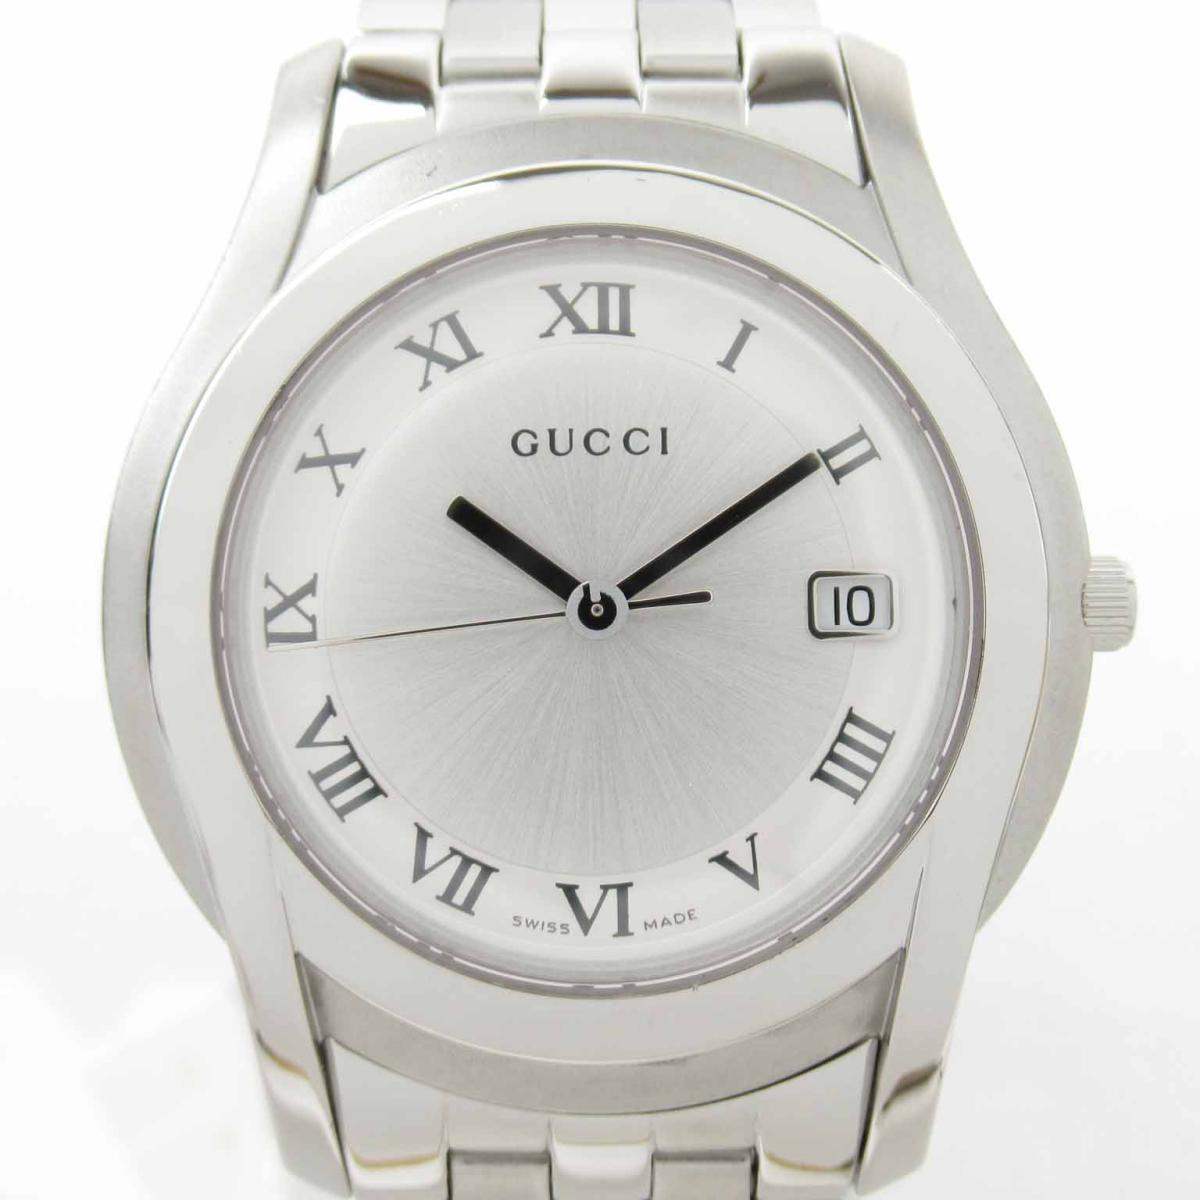 【中古】 グッチ 時計 ウォッチ 腕時計 メンズ ステンレススチール (SS) (5500M) | GUCCI BRANDOFF ブランドオフ ブランド ブランド時計 ブランド腕時計